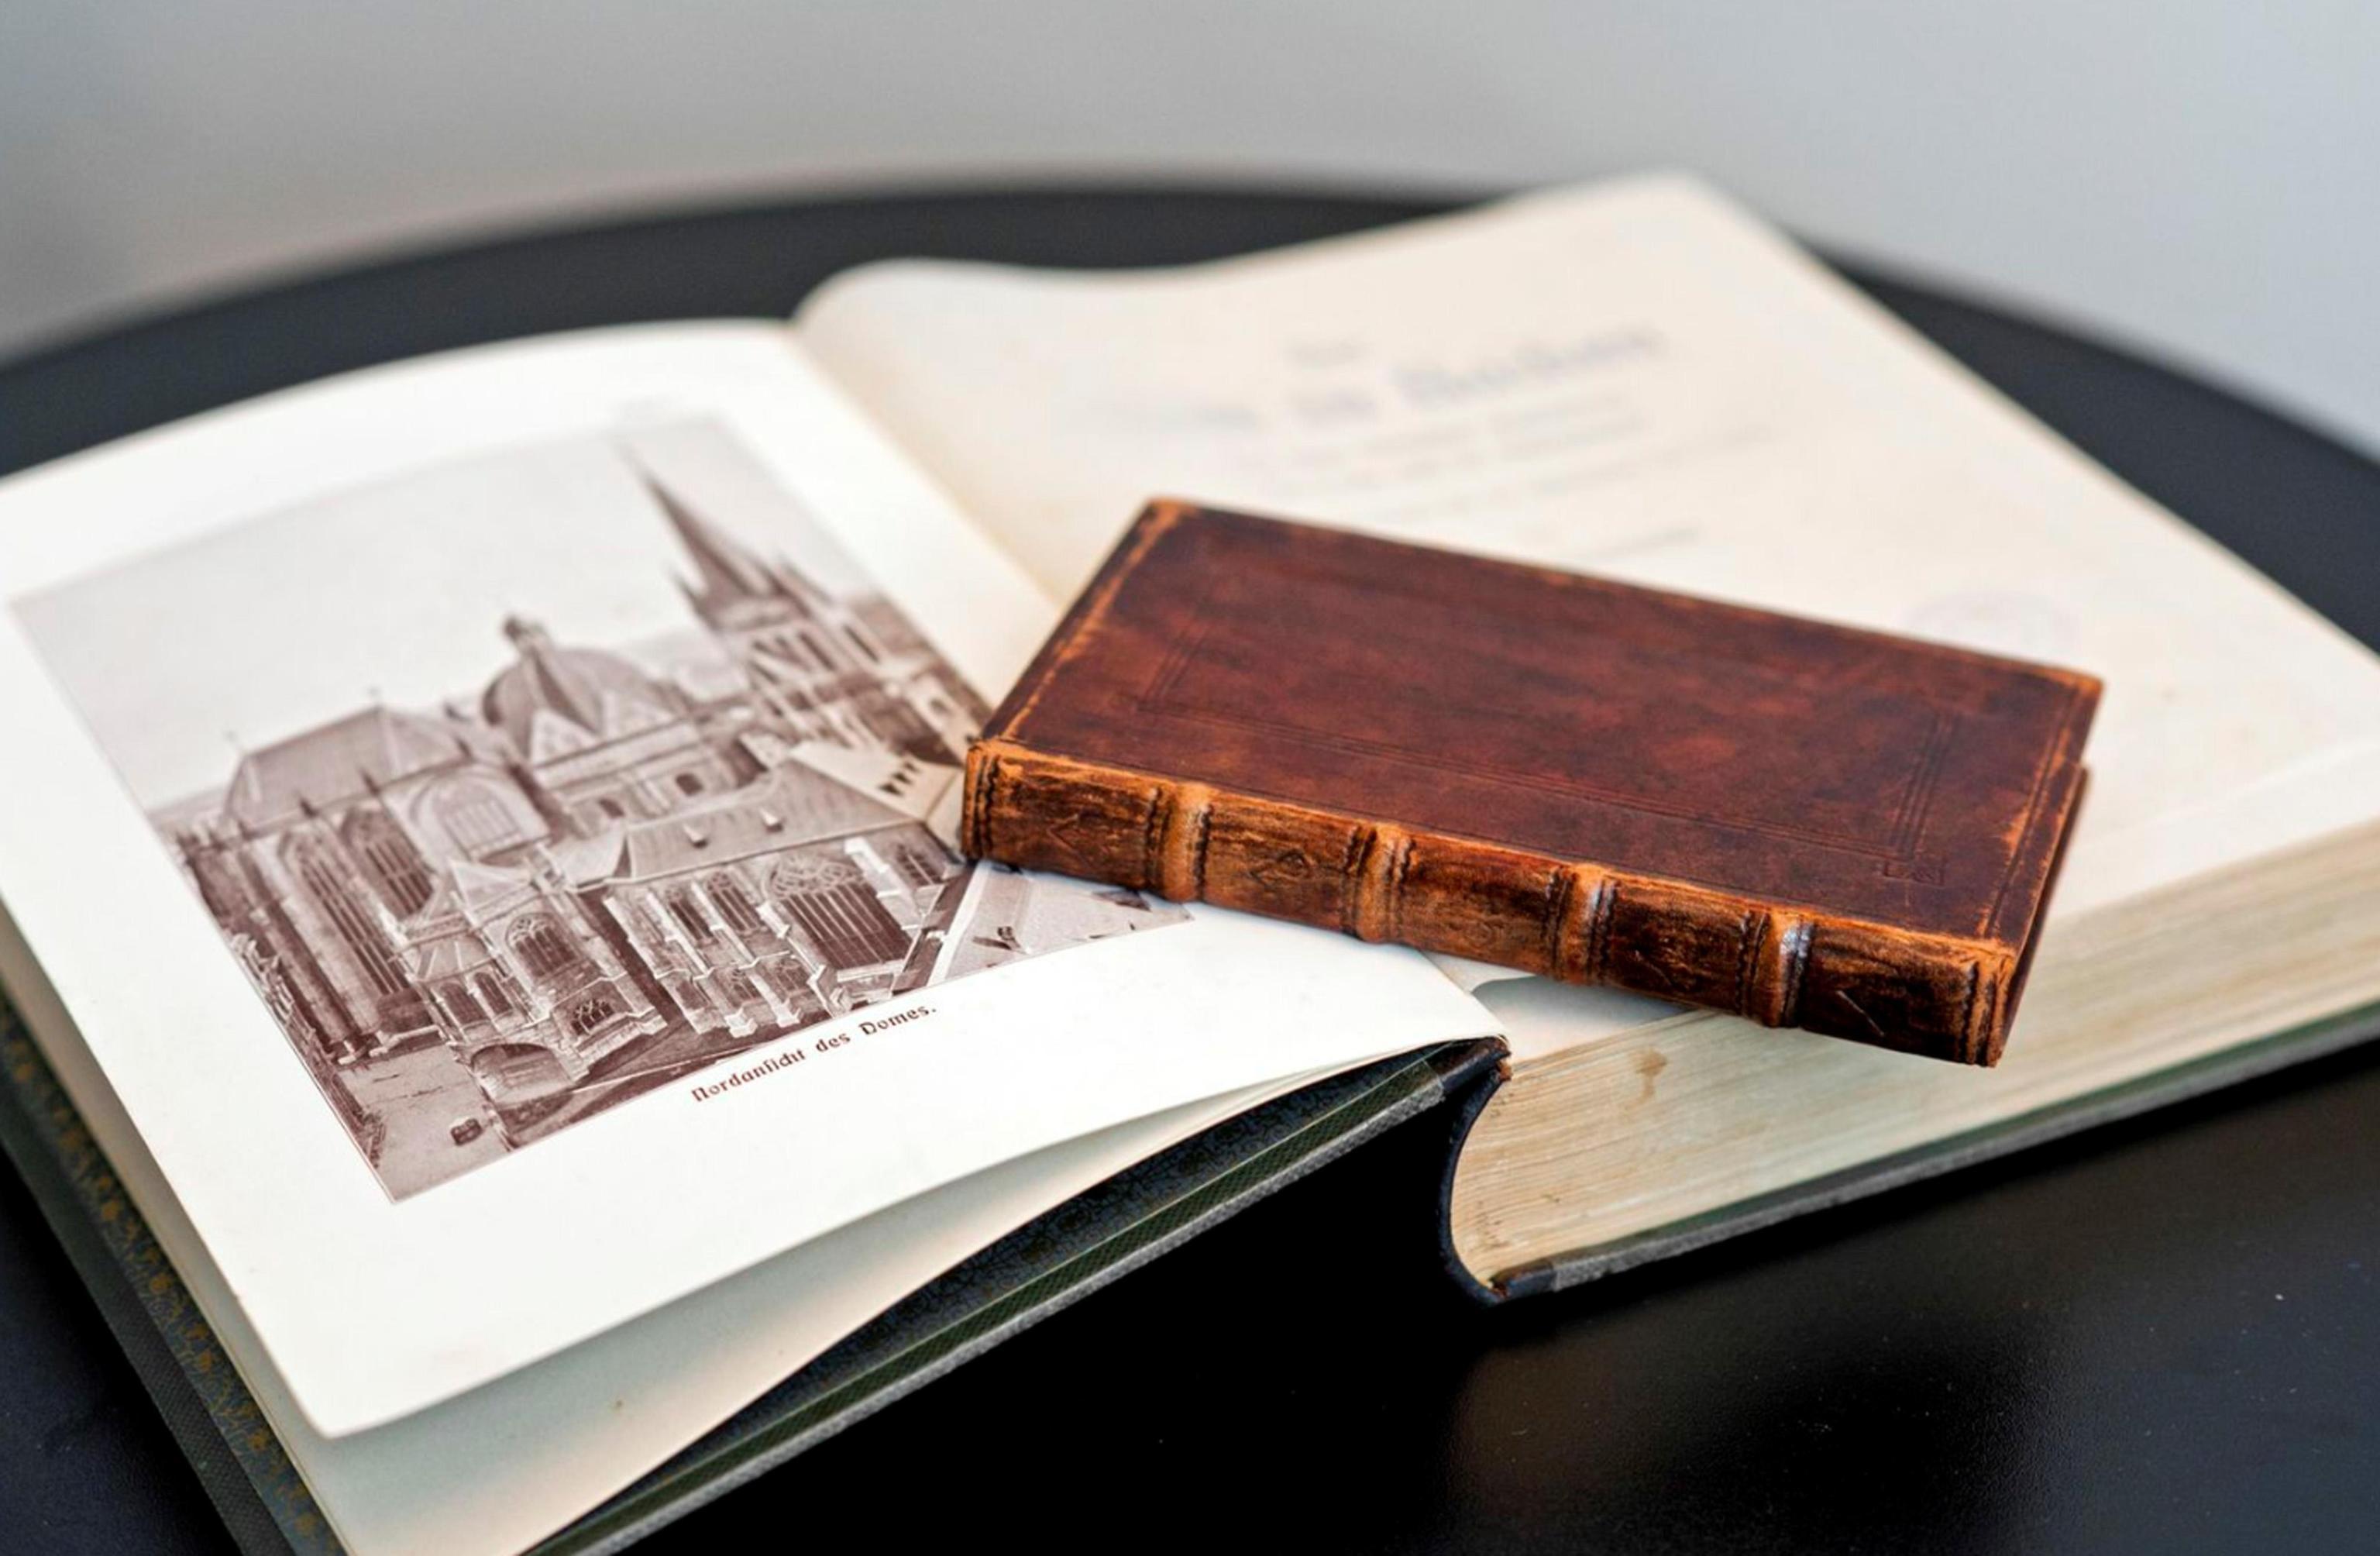 I volumi donati da Schulz al Santo Padre